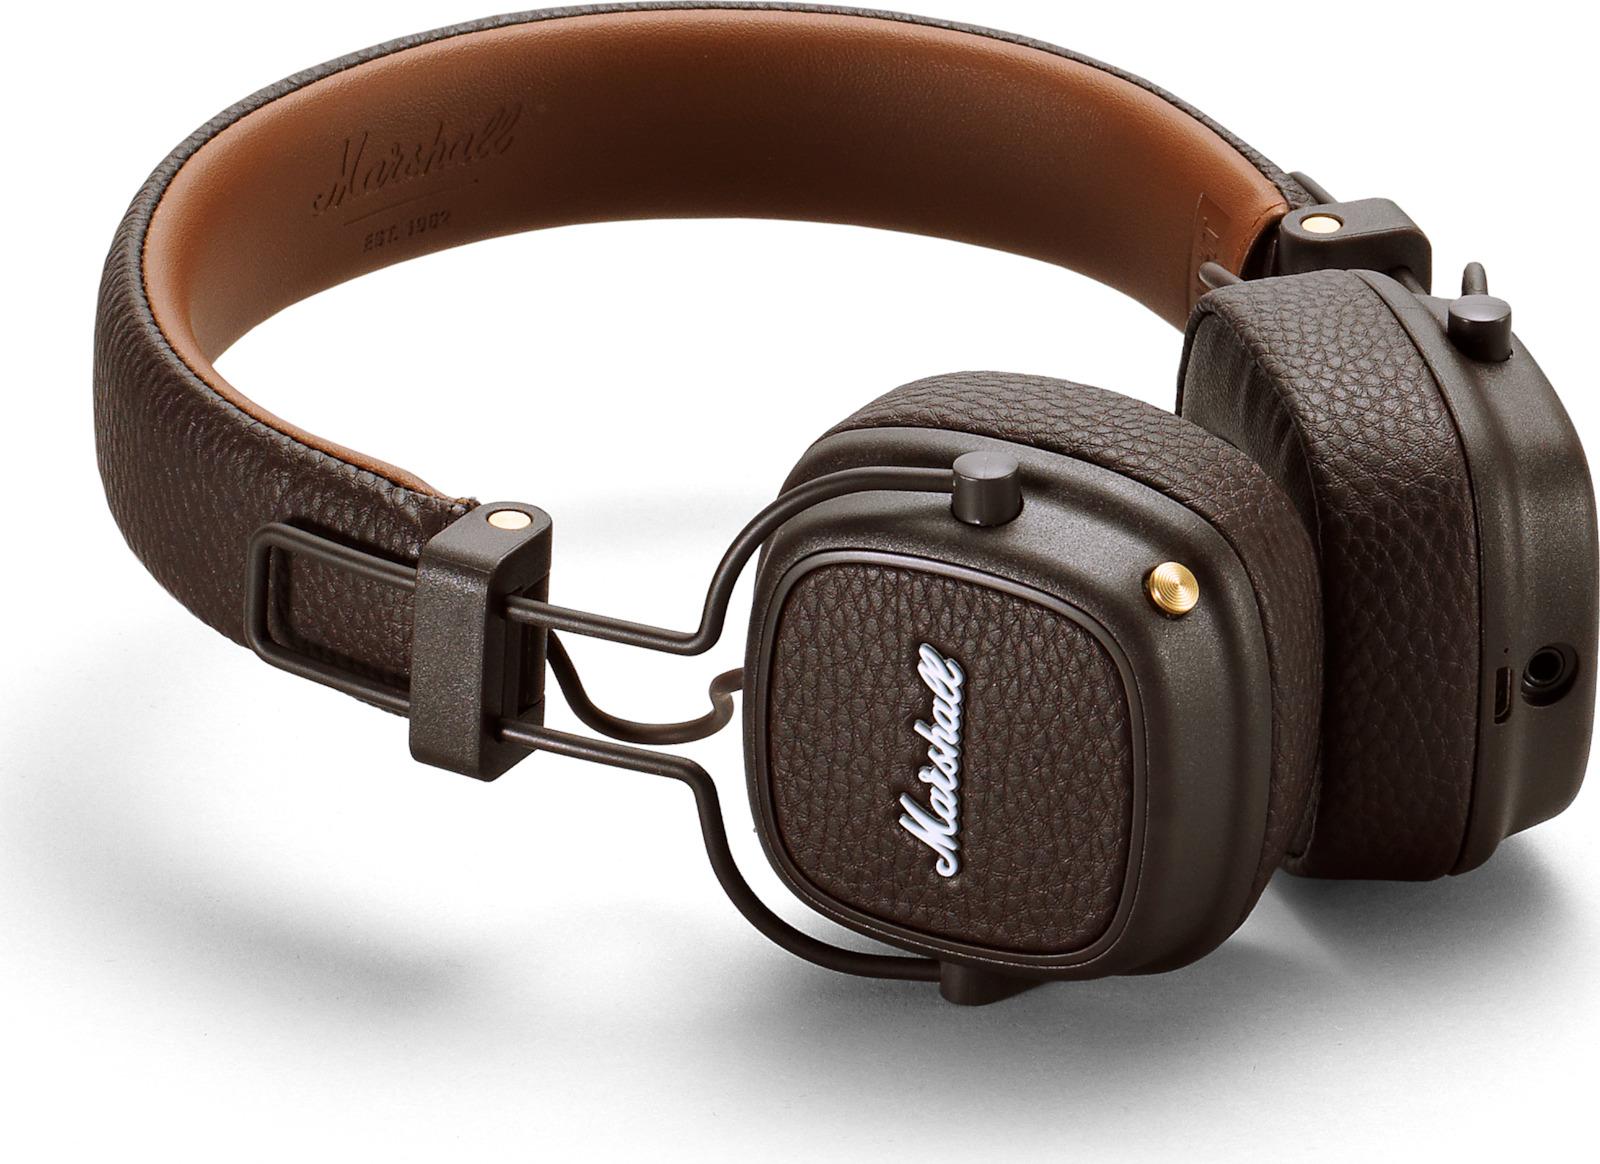 Ακουστικά Κεφαλής Marshall Major III Bluetooth- On Ear Καφέ